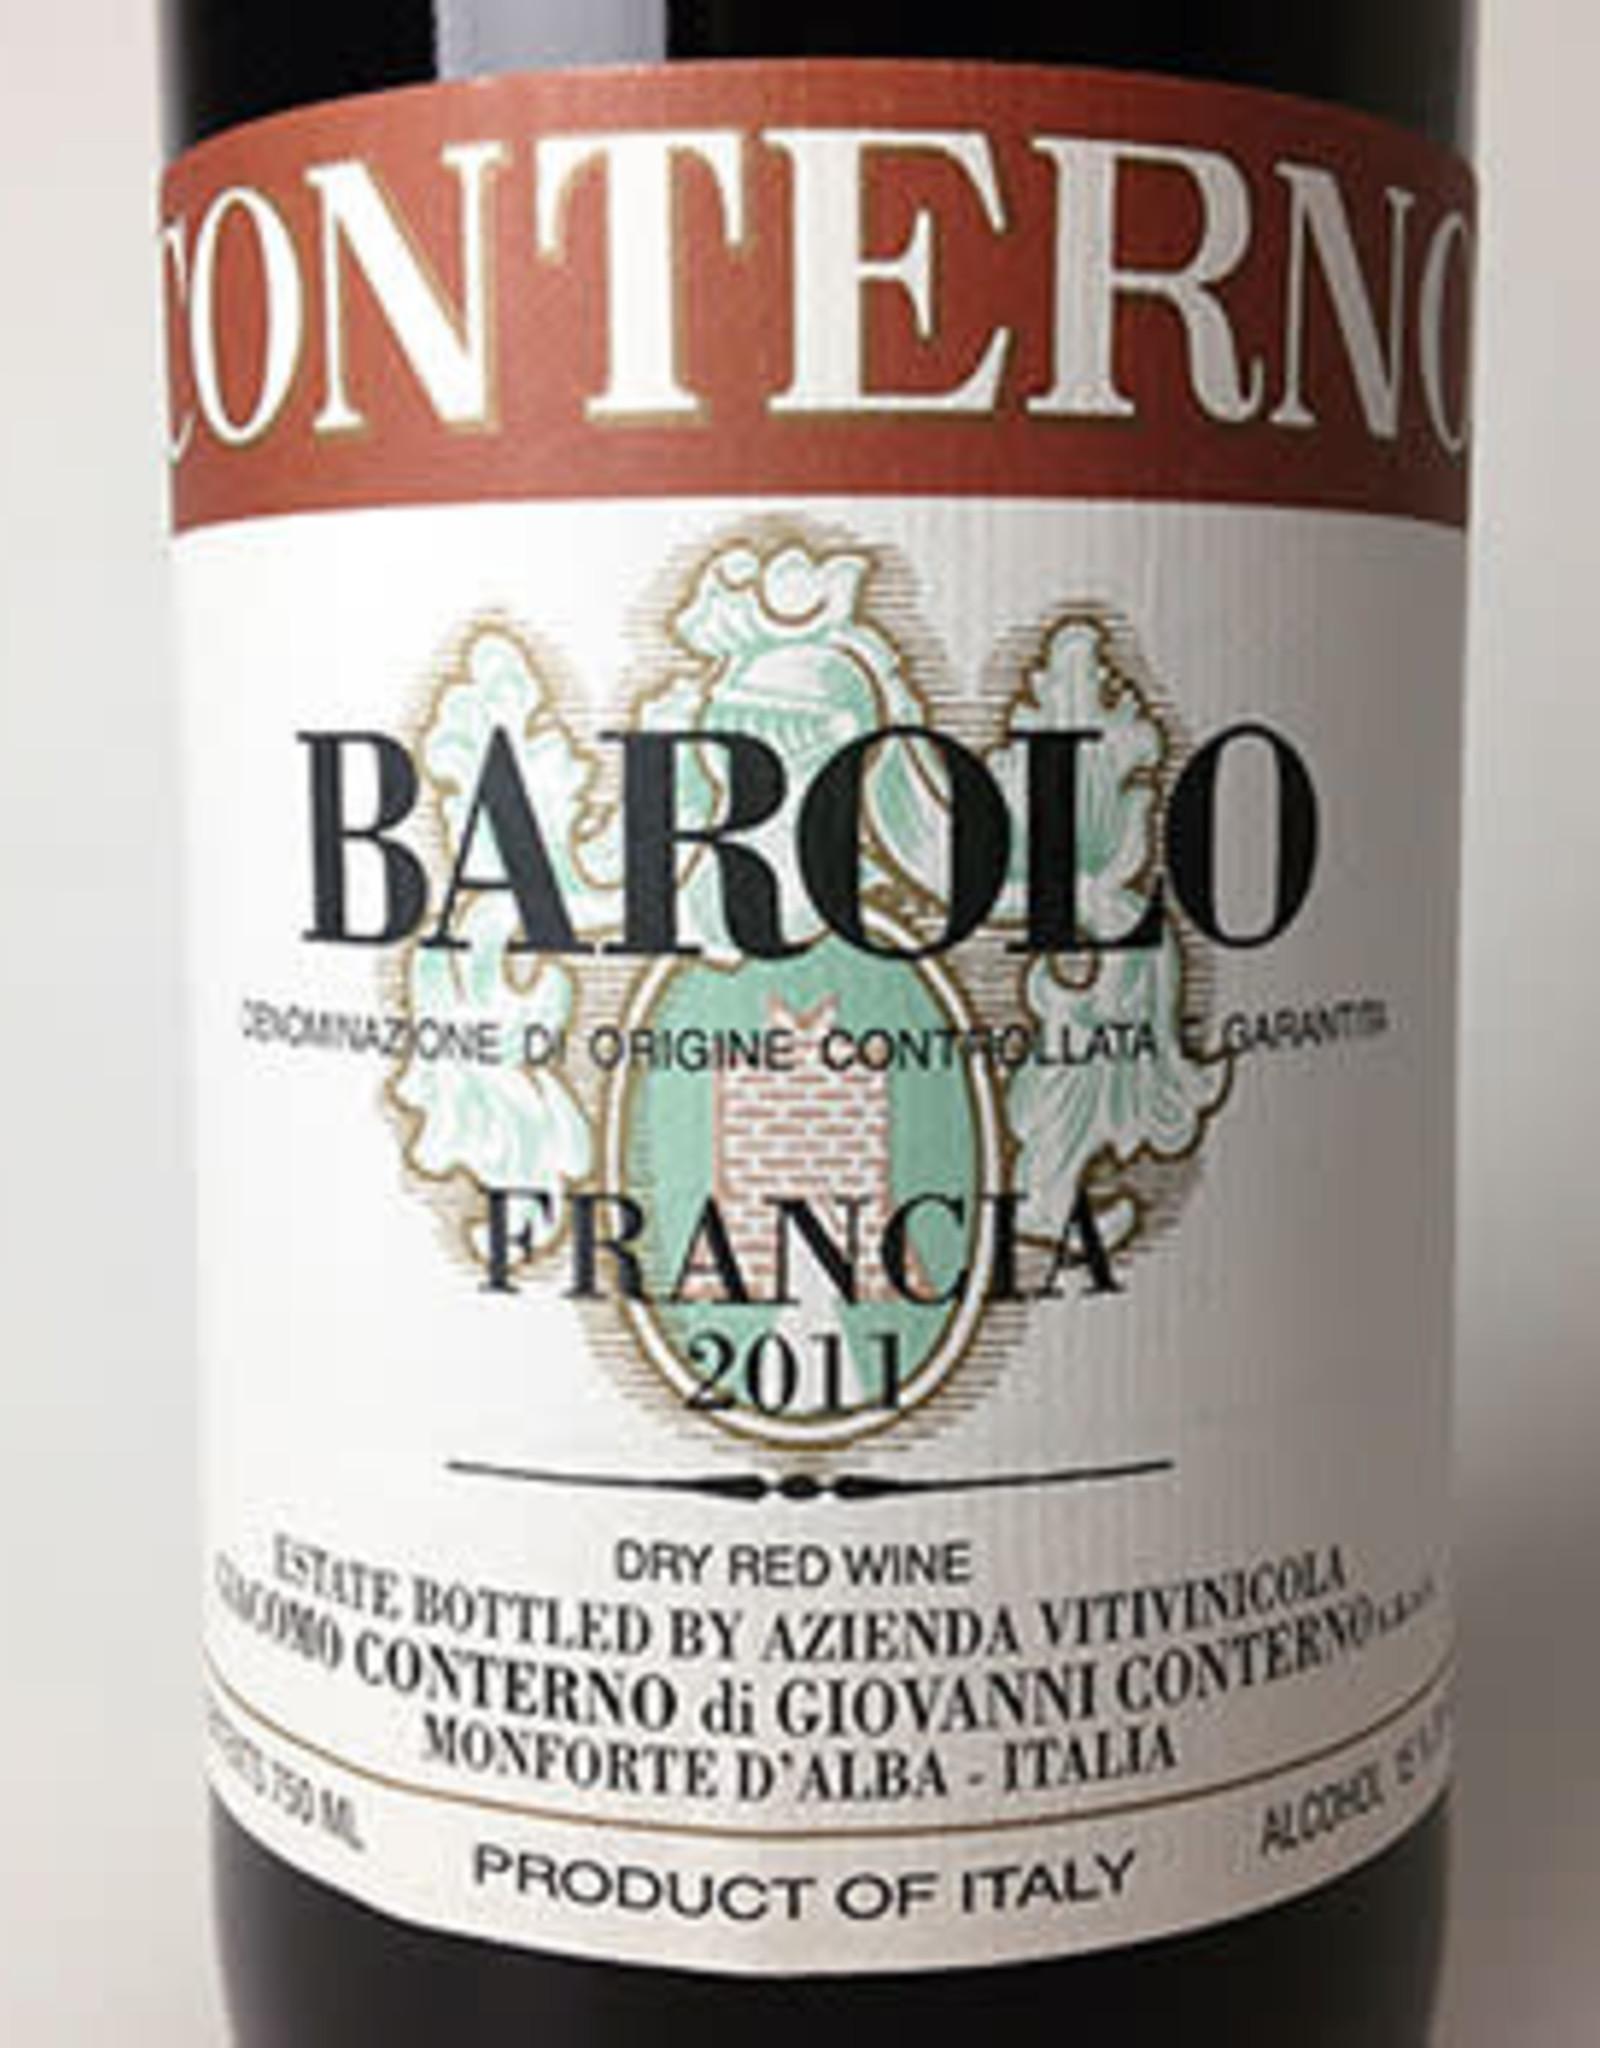 Barolo, FRANCIA, Giacomo Conterno 2011